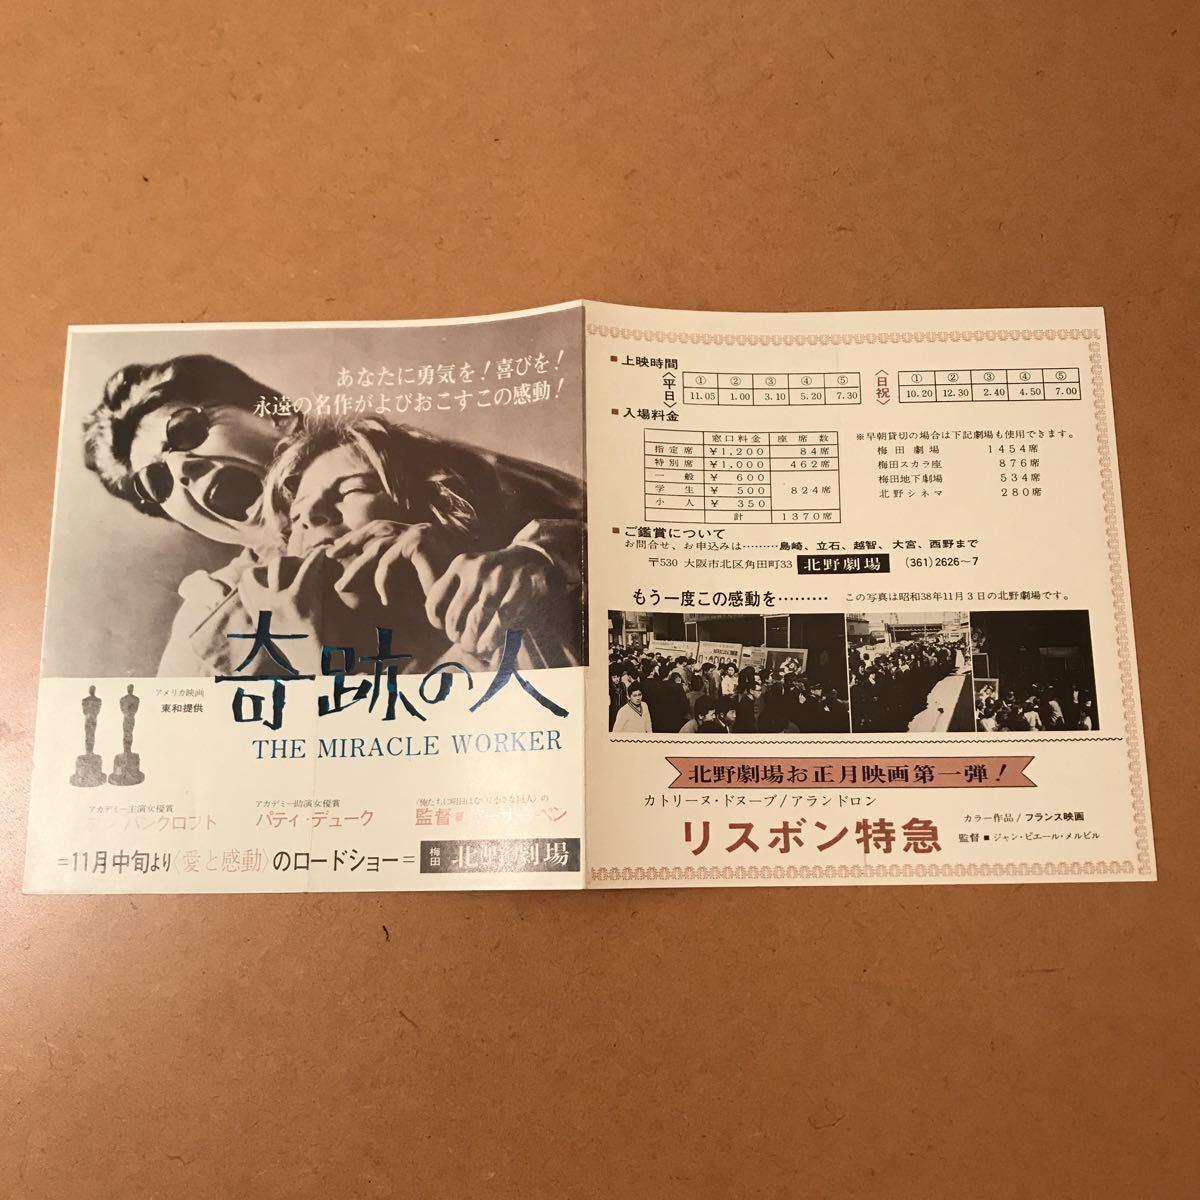 【希少/映画チラシ】『奇跡の人』1963年初公開作品 リバイバル上映時チラシ 通常カラーチラシ&2枚折り四角チラシ 2枚セット _画像4